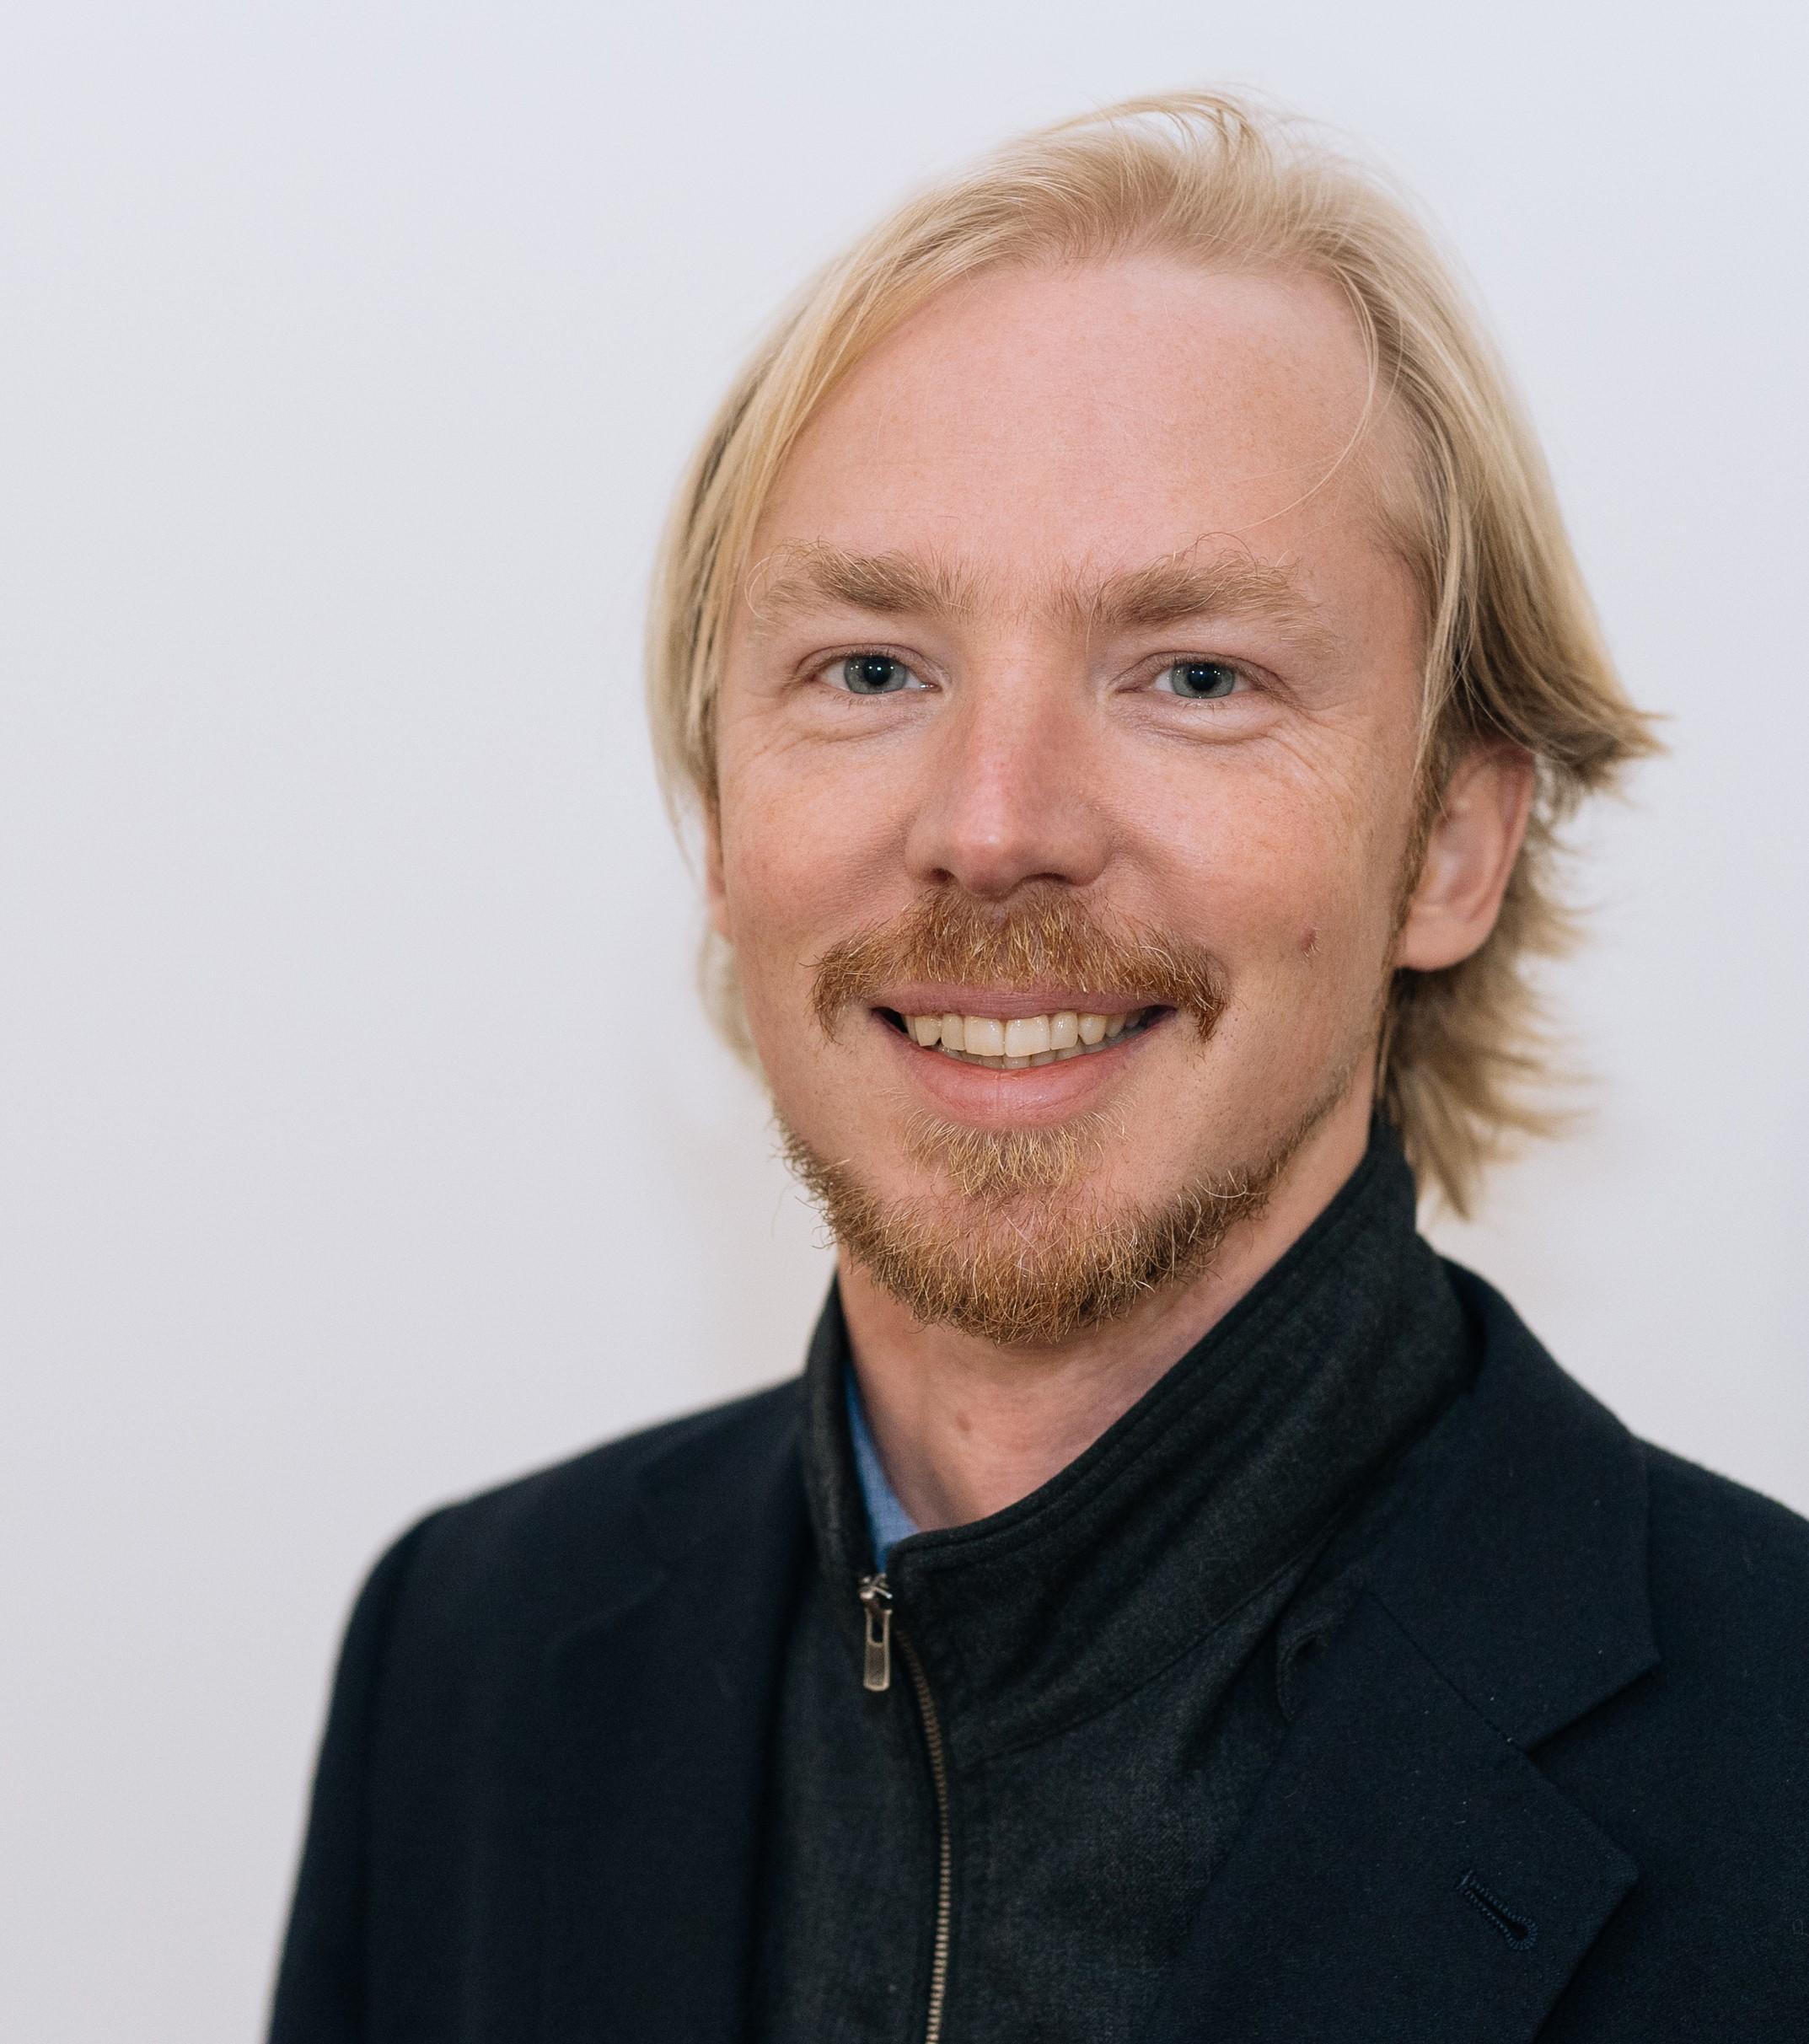 Fredrik Håård